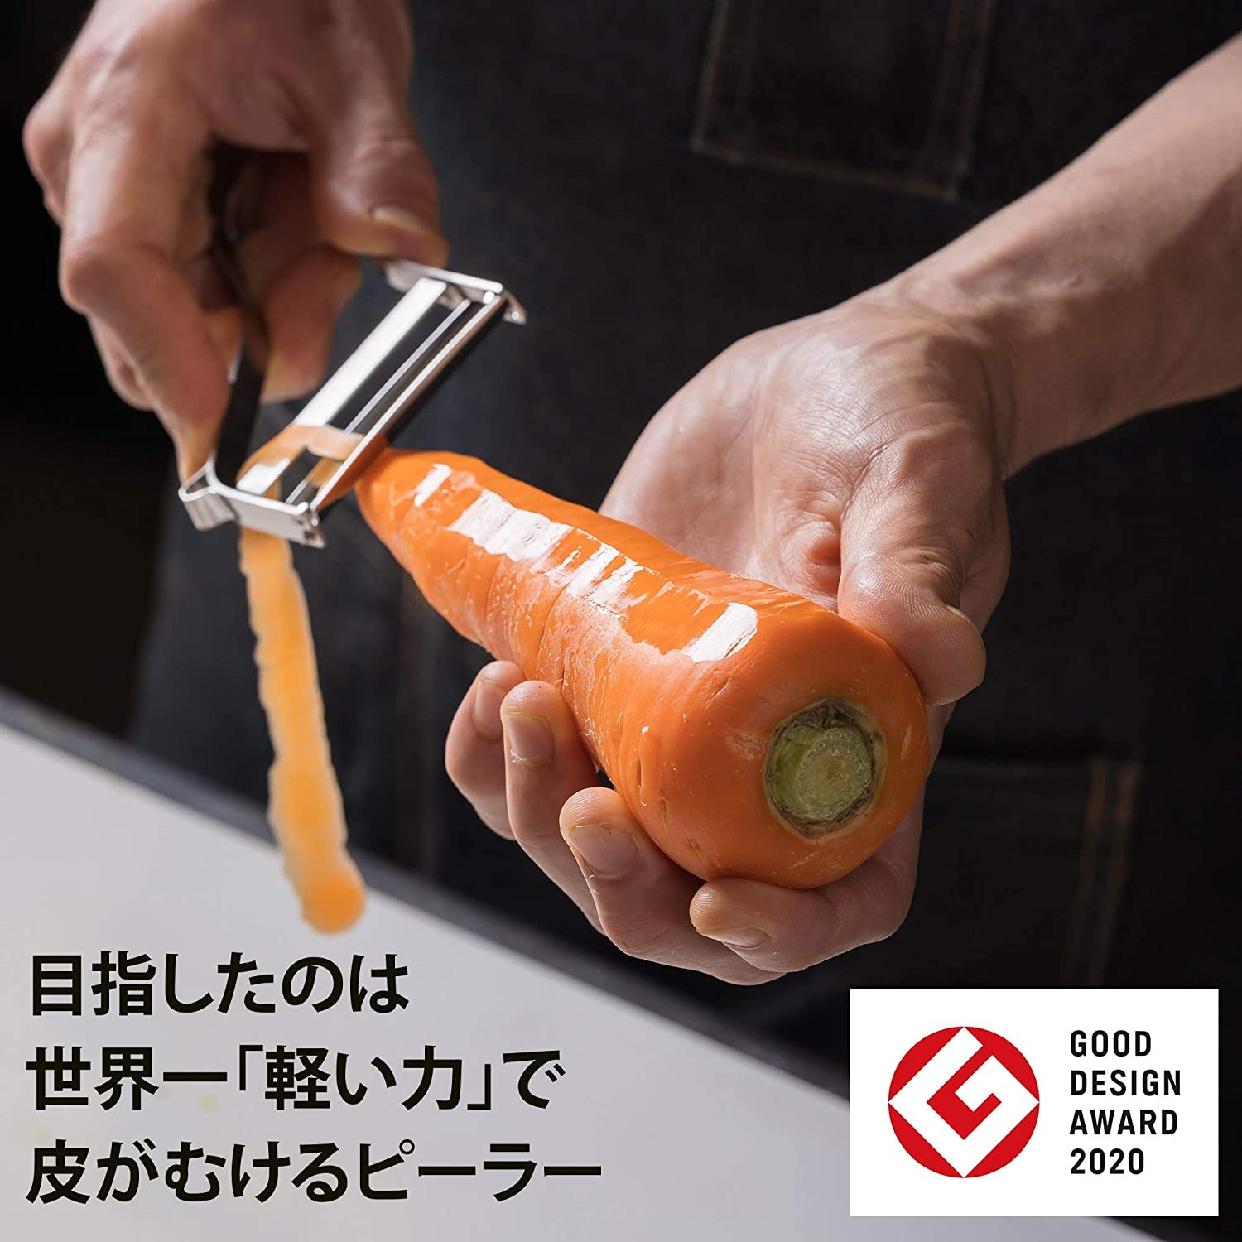 飯田屋(いいだや)エバーピーラーの商品画像3